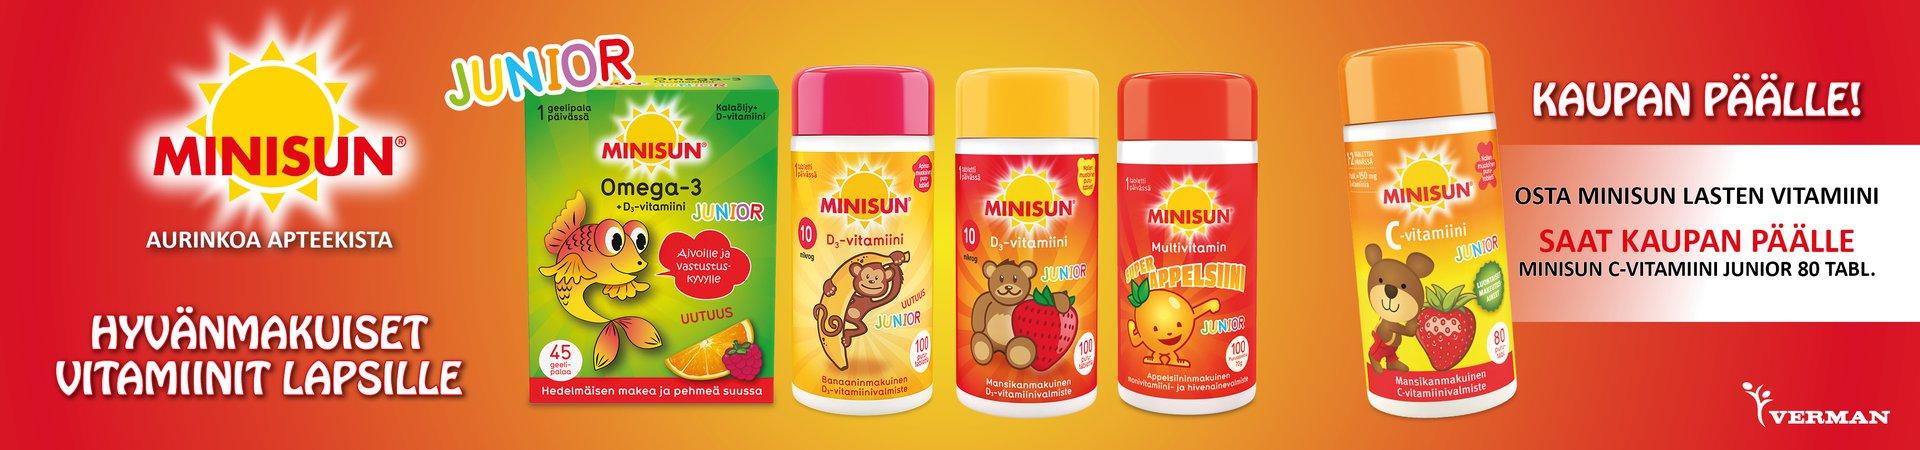 Minisun lasten vitaamiinin ostajalla C-vitamiini kaupan päälle